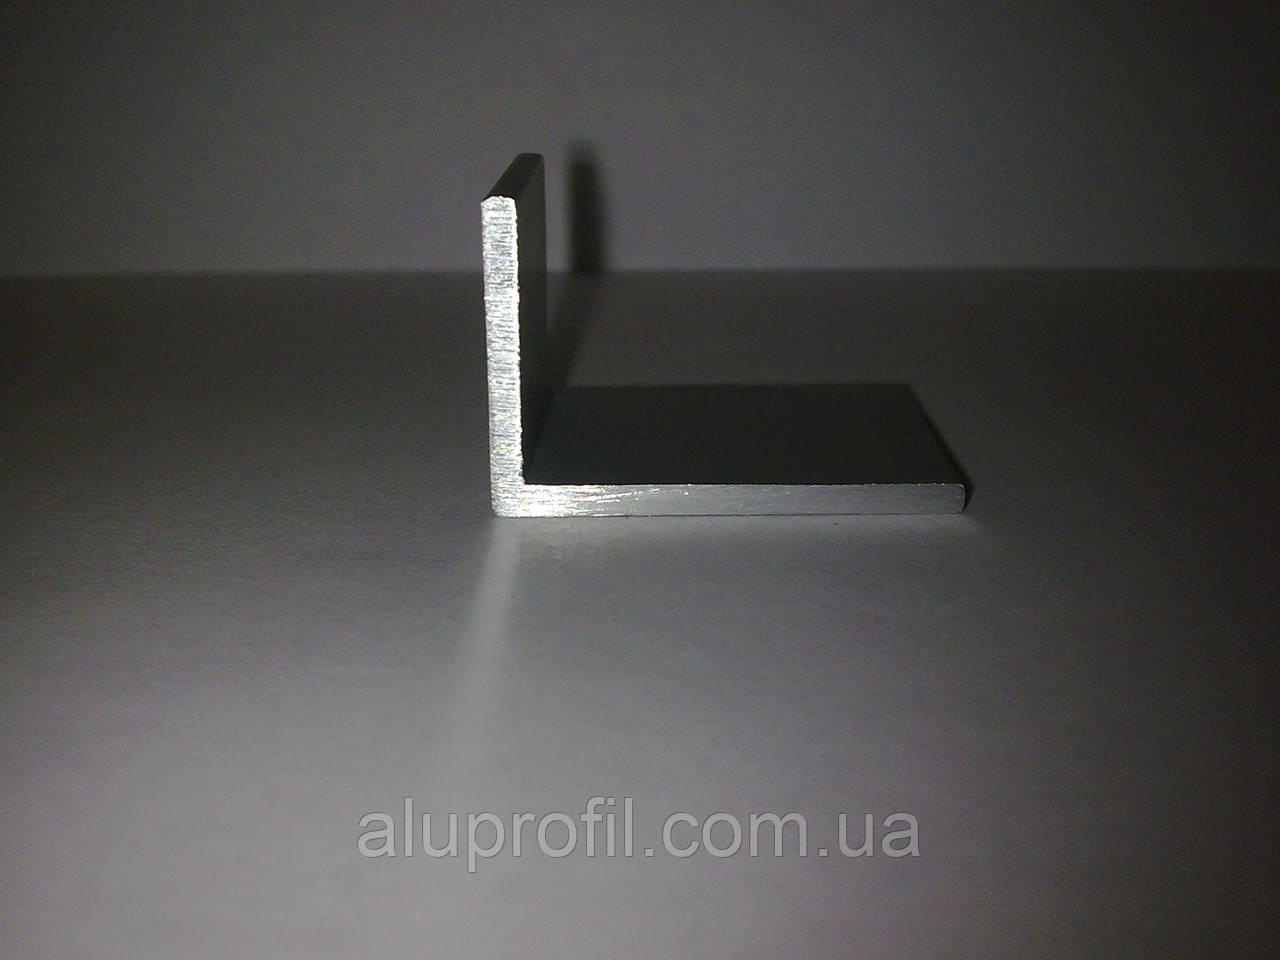 Алюминиевый профиль — уголок алюминиевый 28х20х1 AS